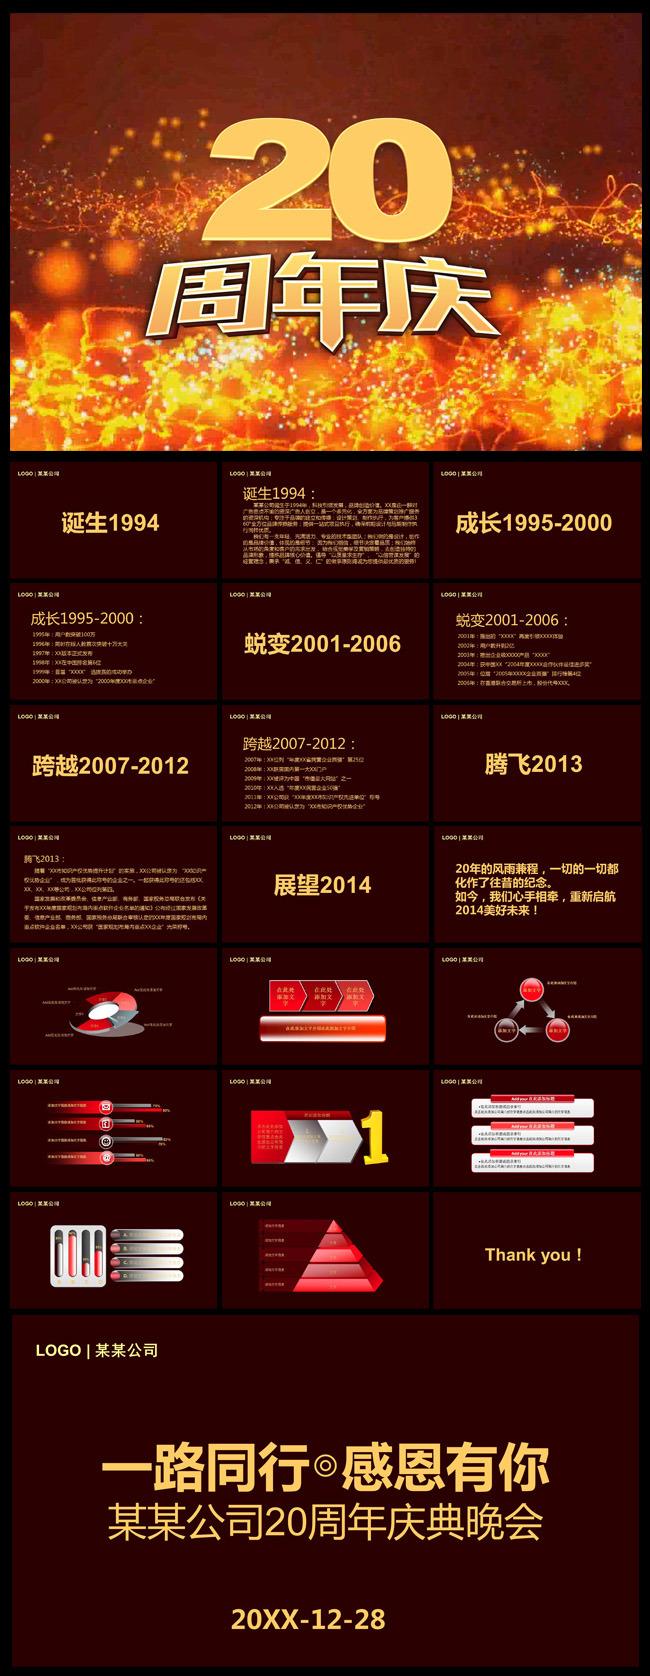 公司周年庆ppt模板-节日|民俗|传统ppt模板-ppt模板